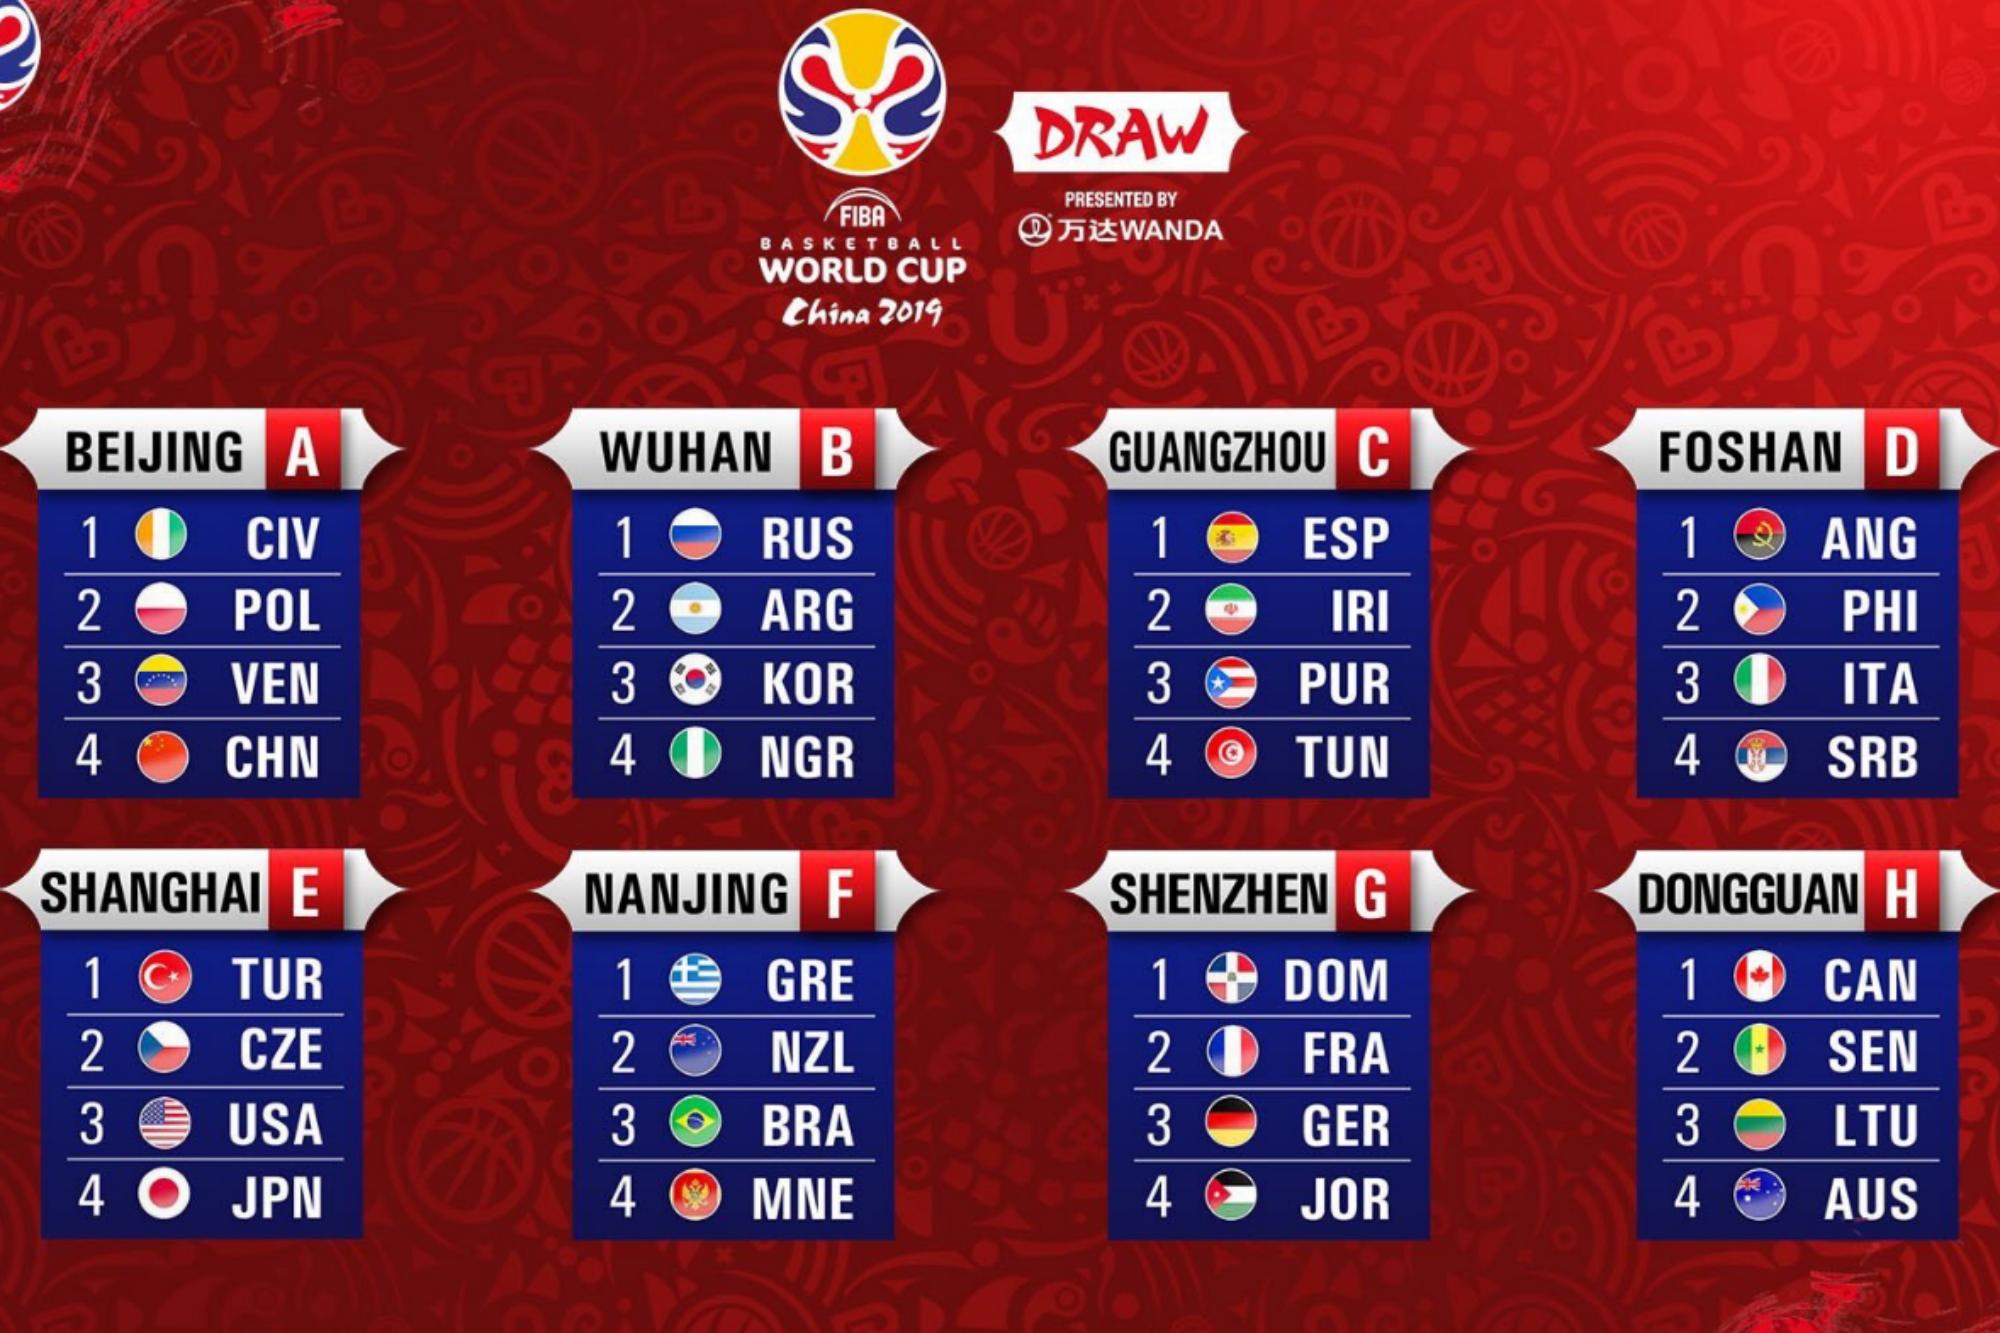 El fixture del Mundial de básquetbol China 2019